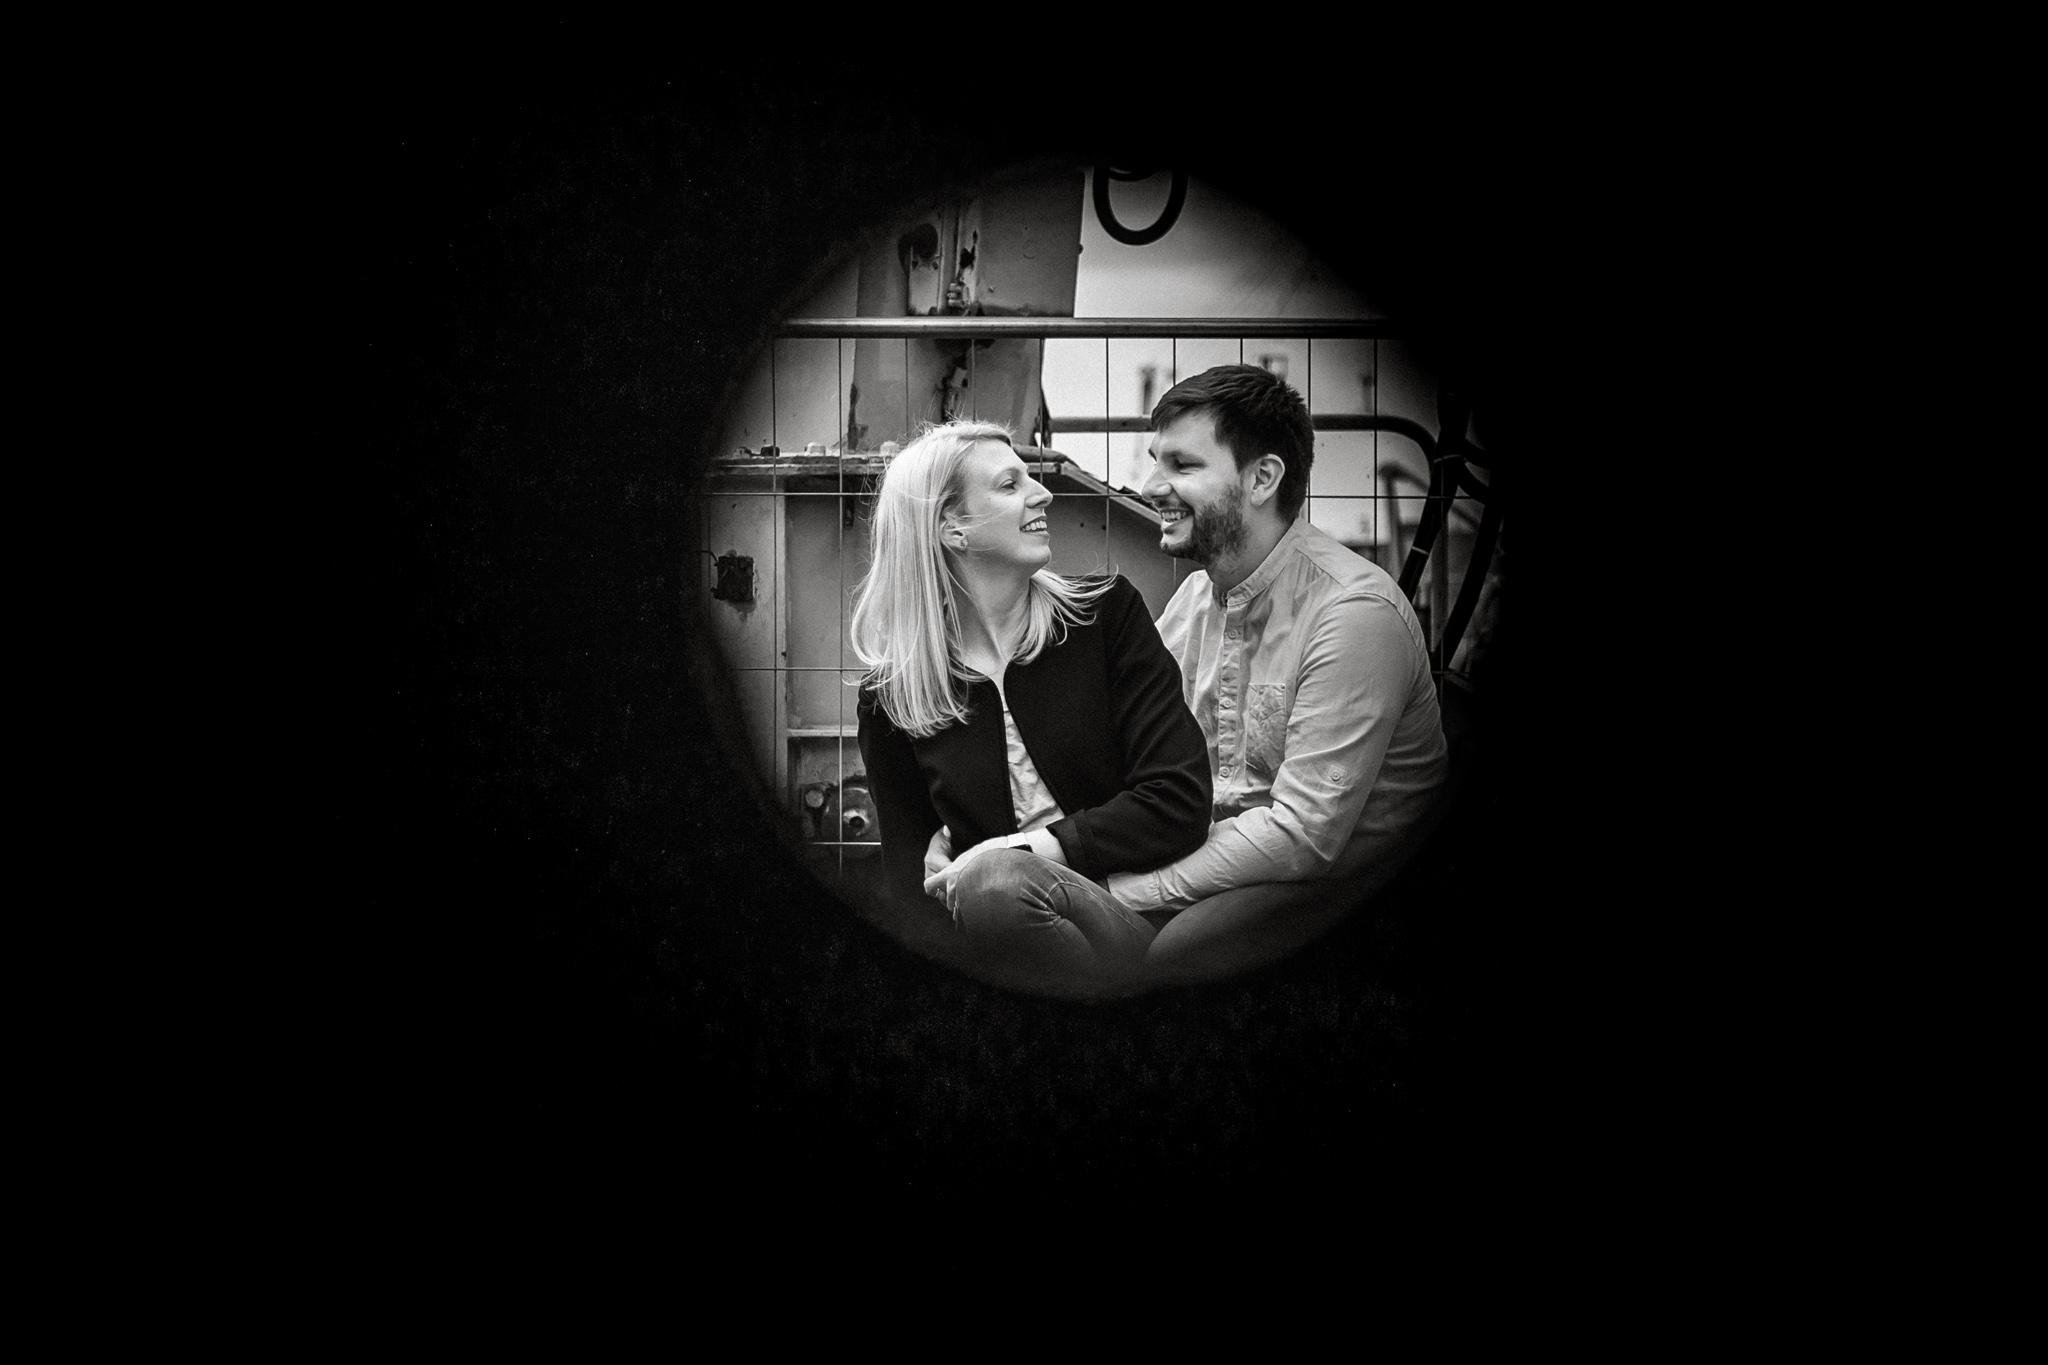 Hochzeitsfotograf, Sven Schomburg Hochzeitsfotografie, Coupleshooting, Brautpaar, Hochzeitspaar, Hamburg, Peking, Hafenmuseum Hamburg, Hochzeitstag, wahre Momente-2